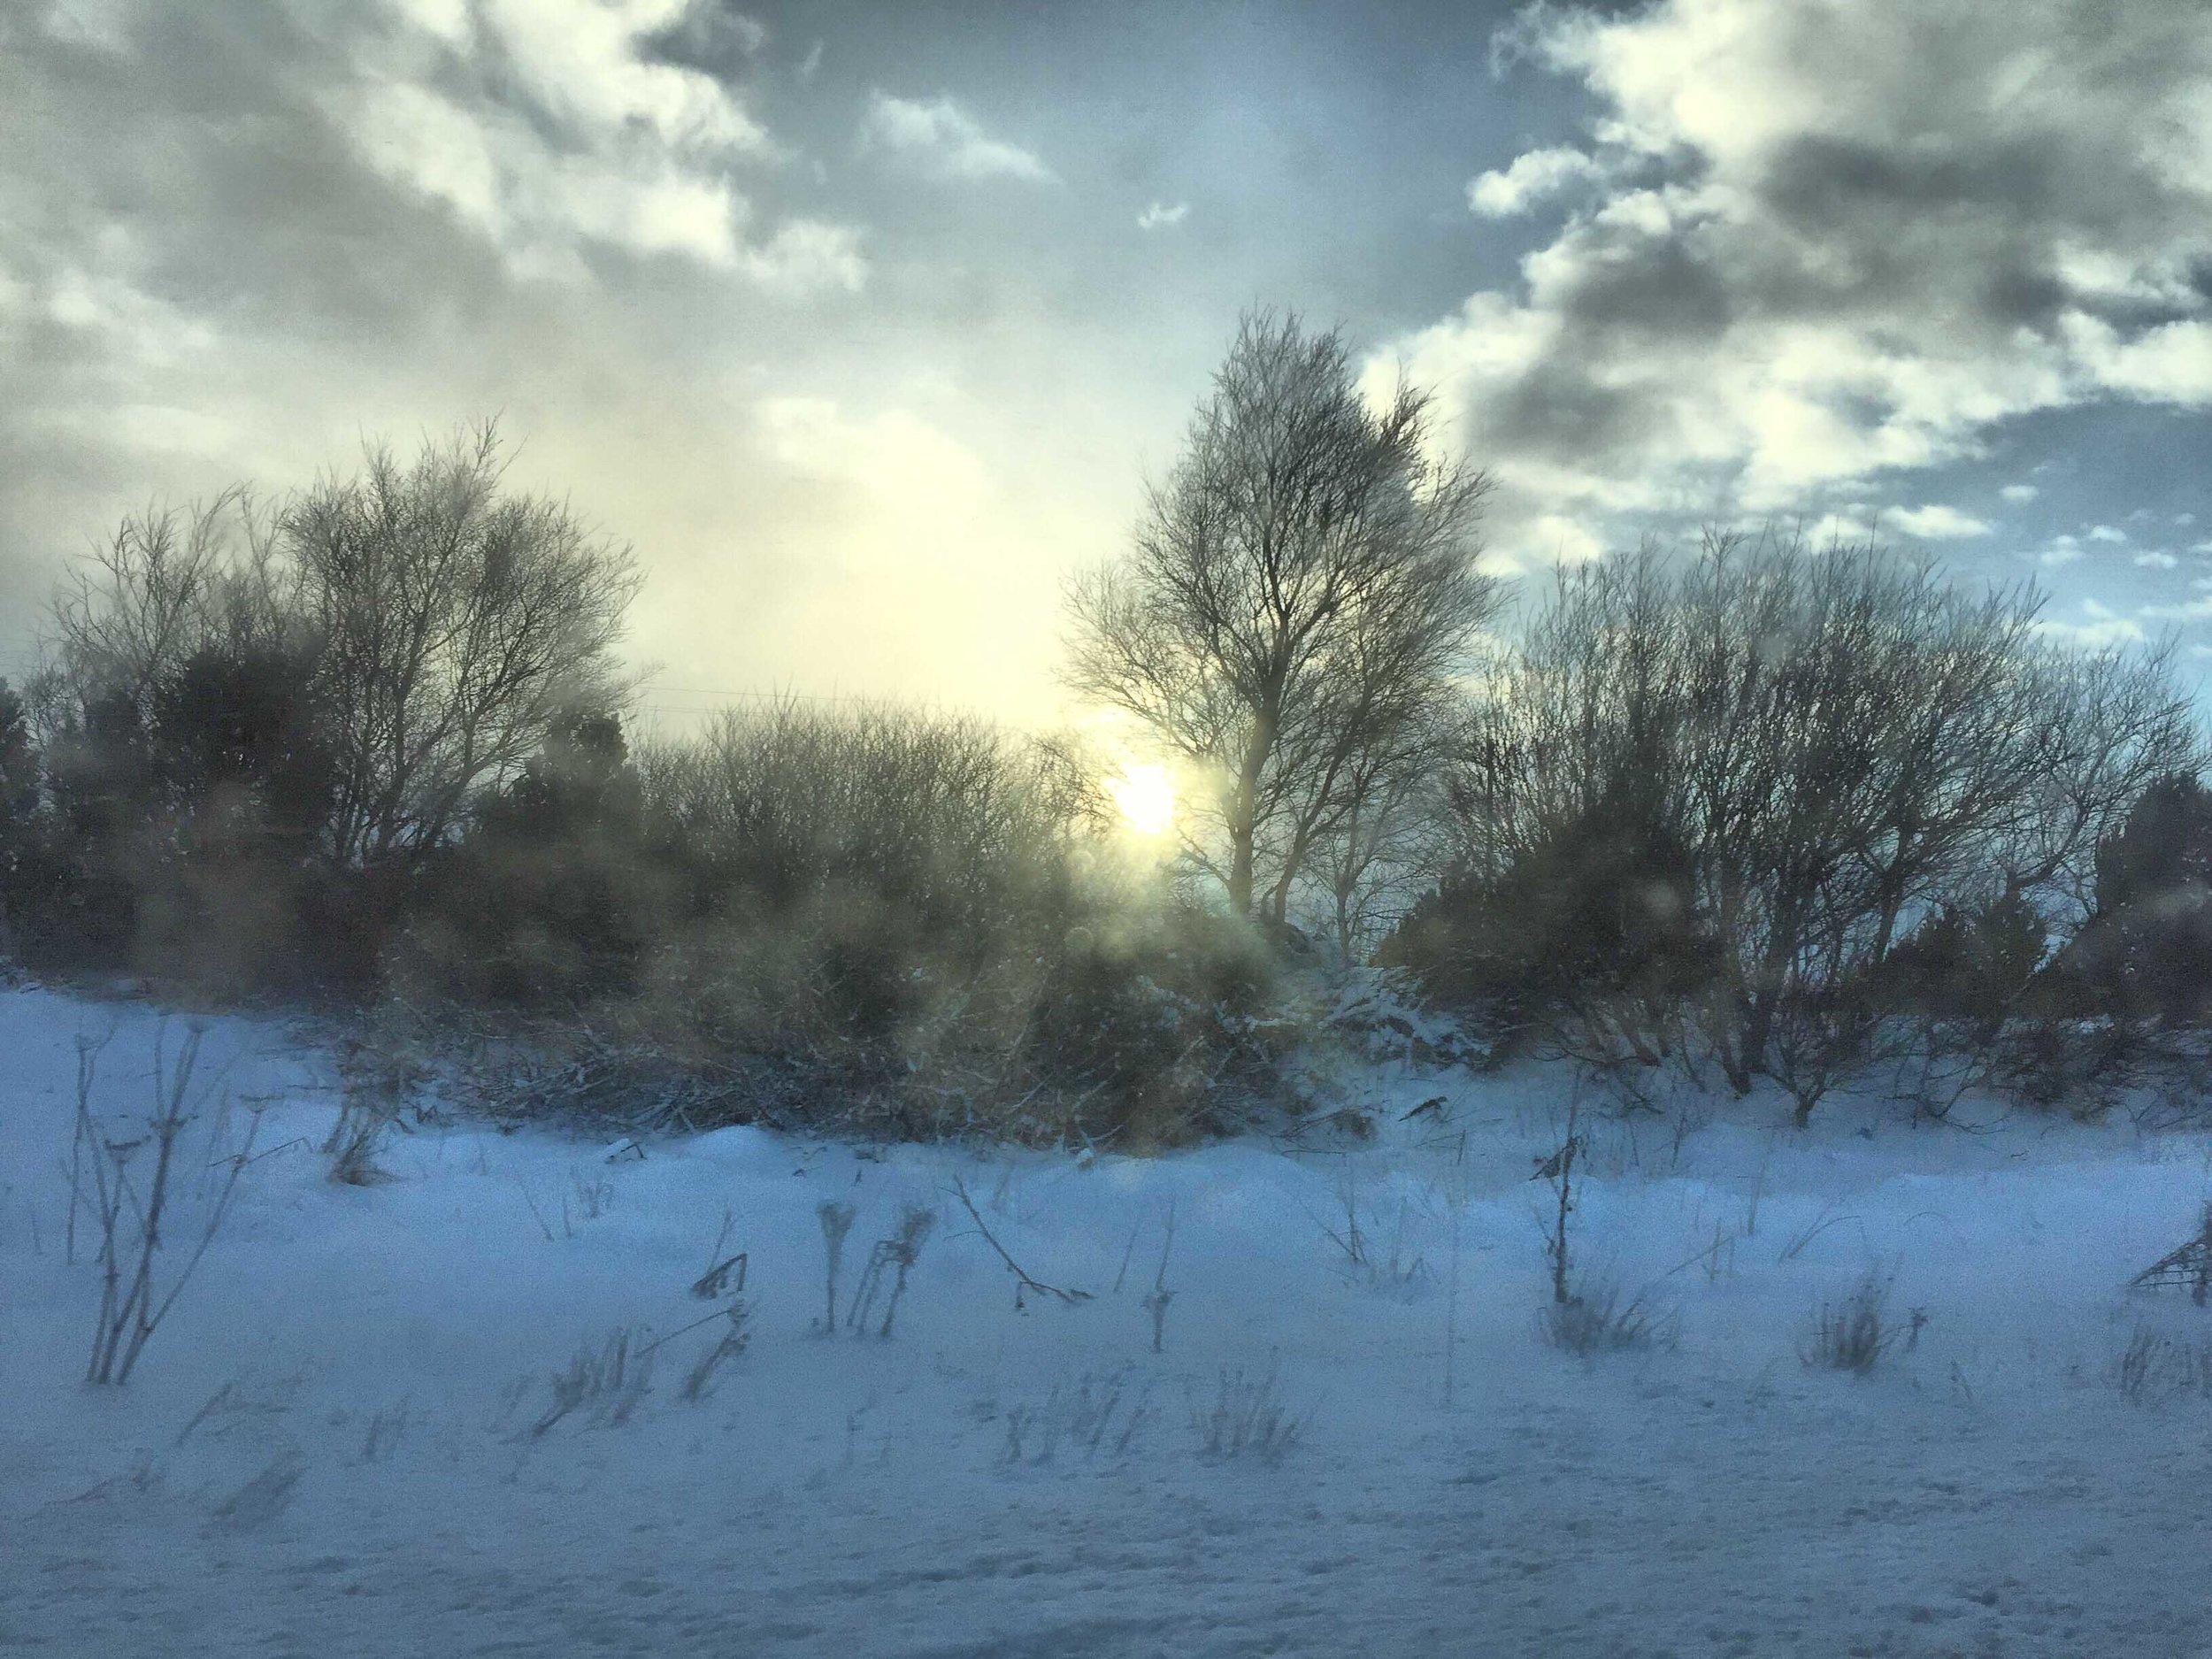 Foto hecha con el móvil cuando ya había pasado la nevada